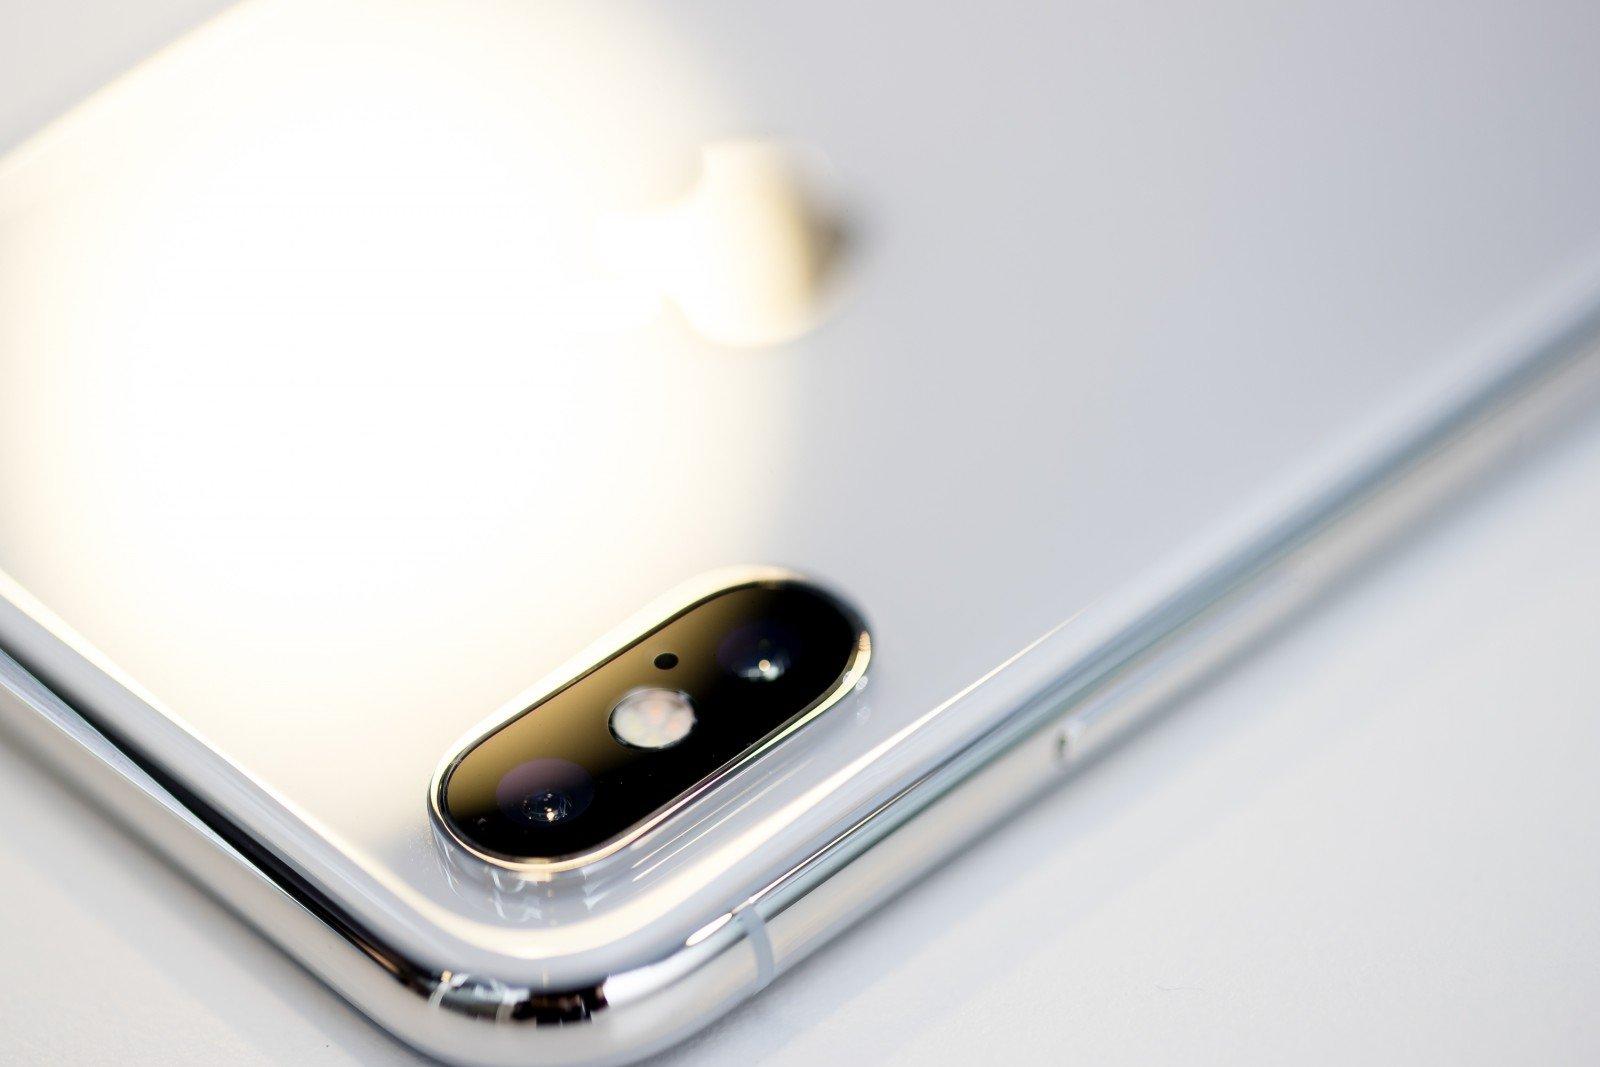 dvigubas variantas mobiliesiems telefonams